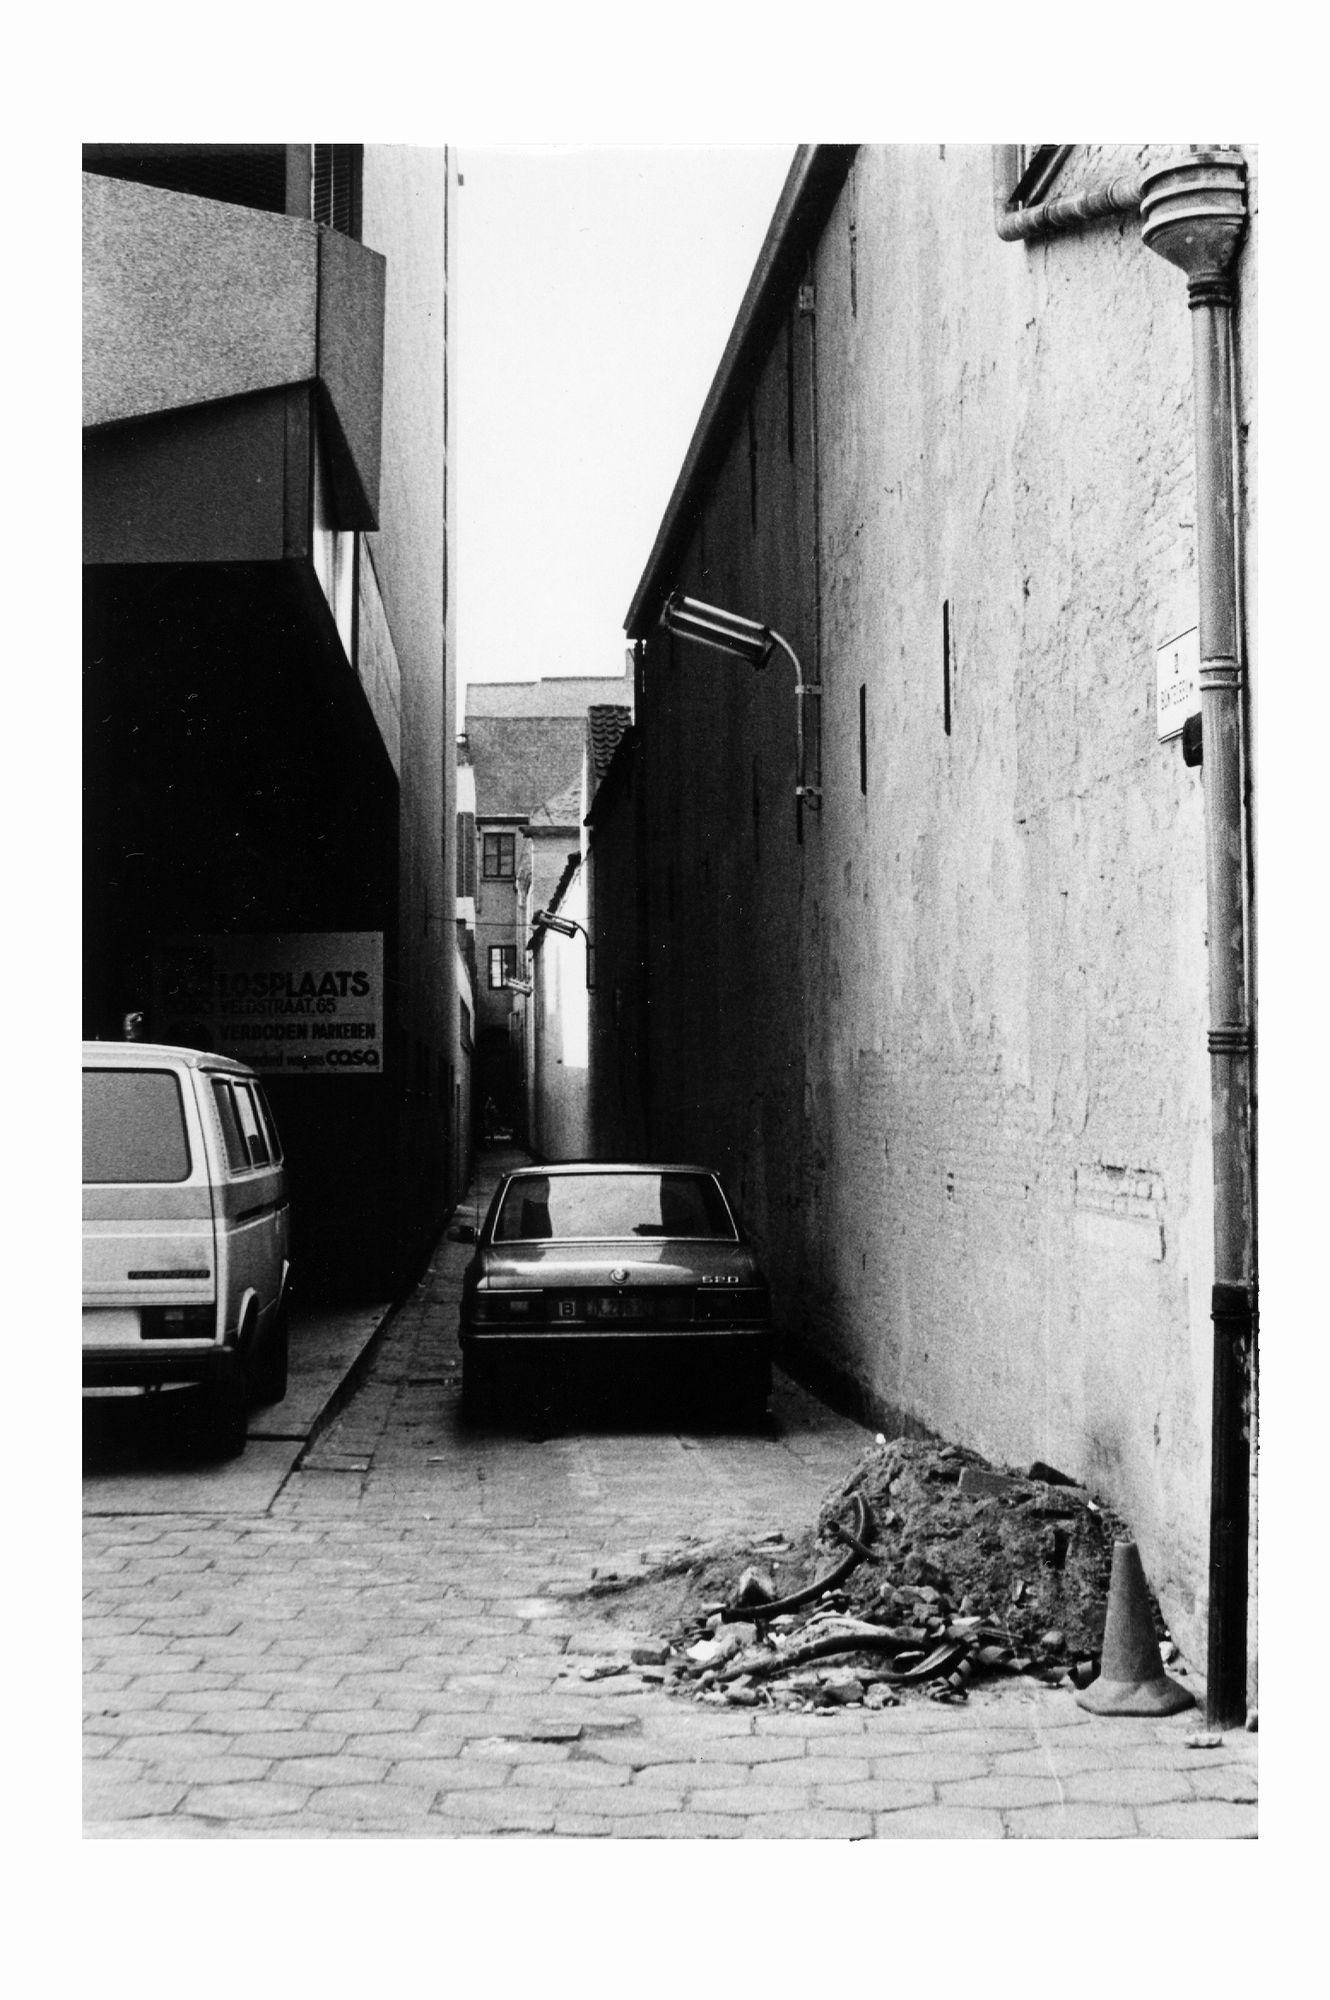 Bonteleeuwstraat04.jpg